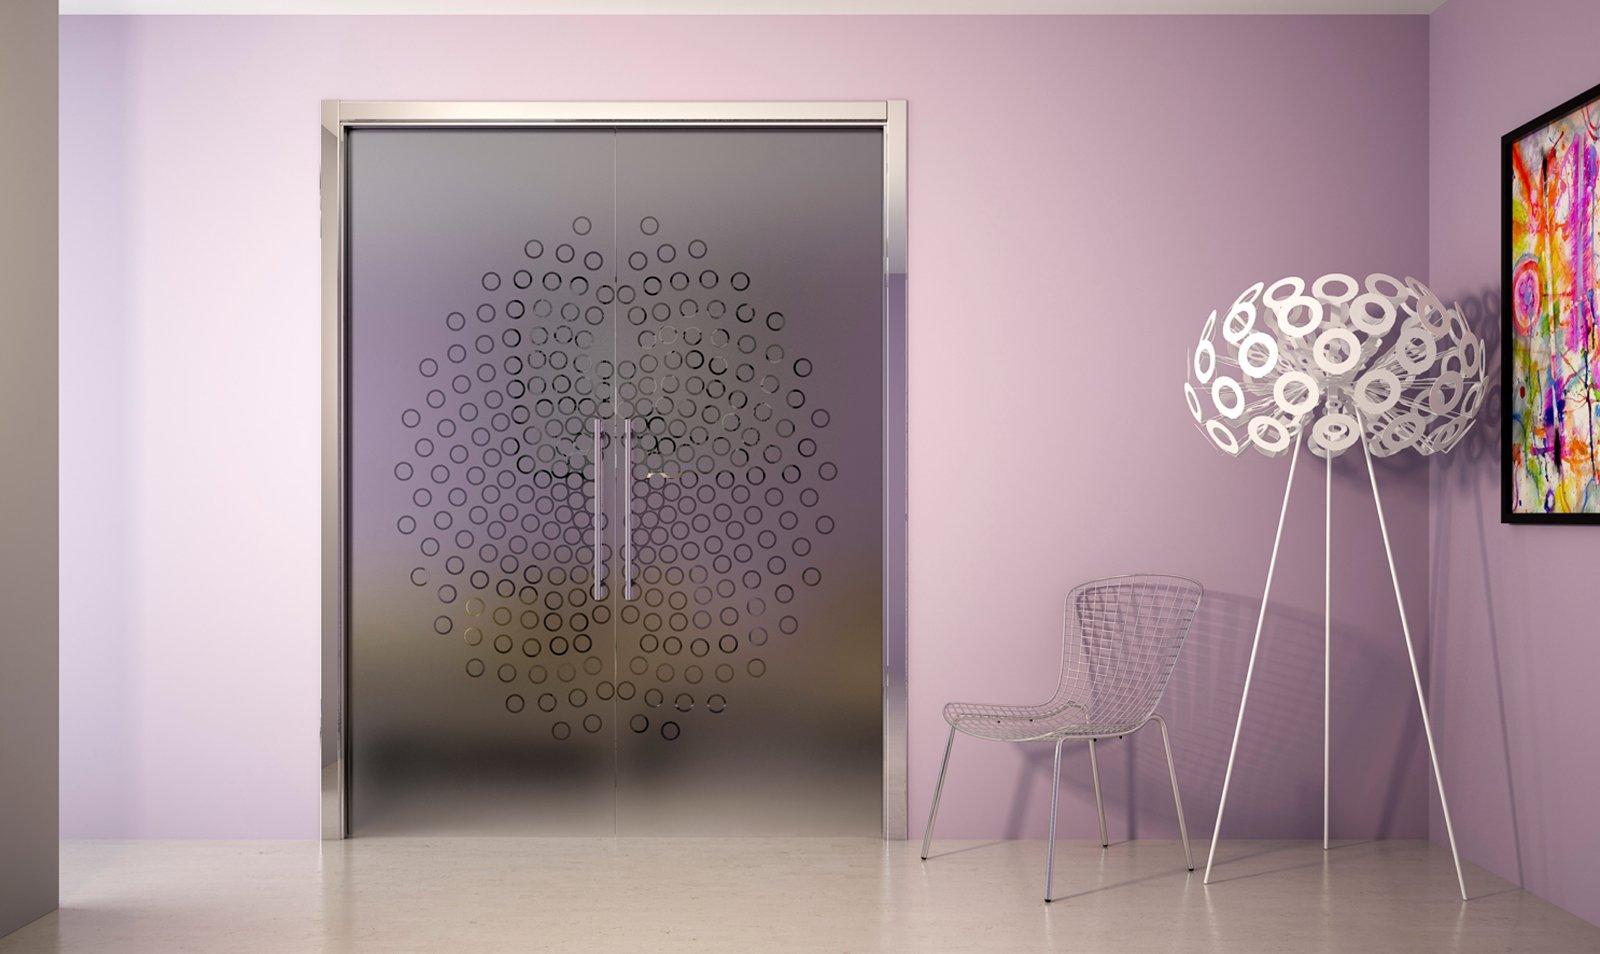 Porte e arredo i consigli su come abbinare stili e rifiniture cose di casa - Decorazioni porte interne ...